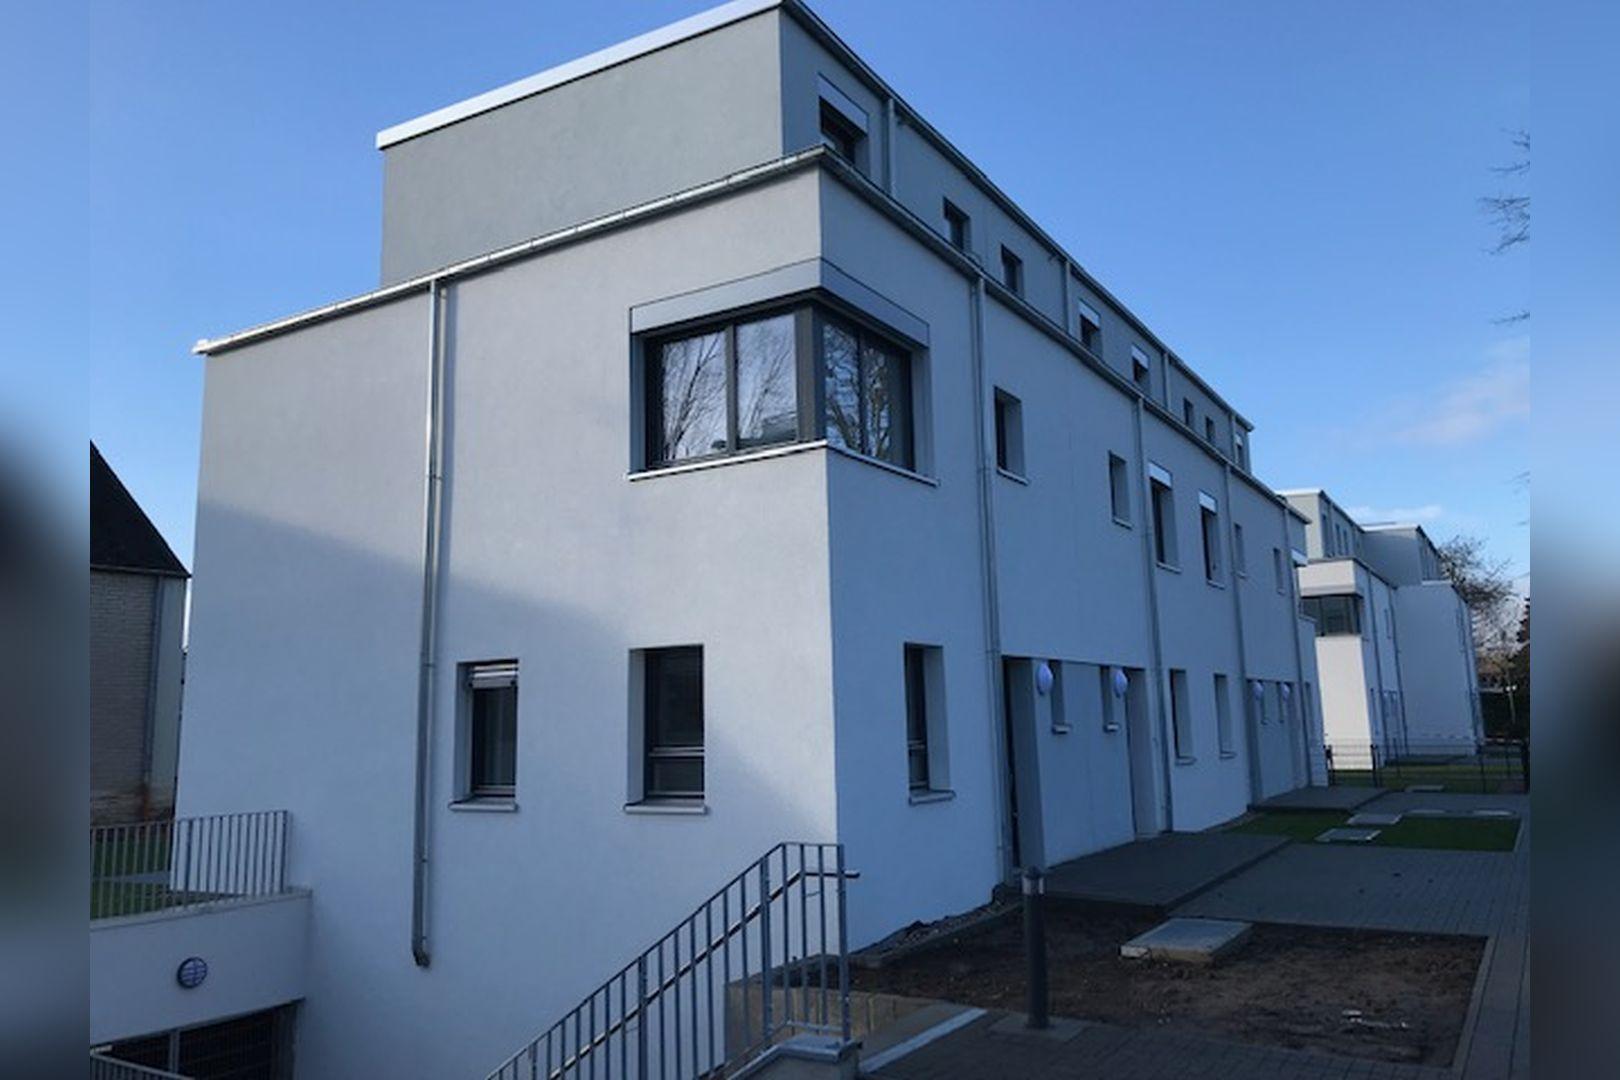 Immobilie Nr.BÖ-01.1 - BÖ-01.1; Maisonette Wohnung über EG und Sout., Garten u. Terrasse - Bild 15.jpg